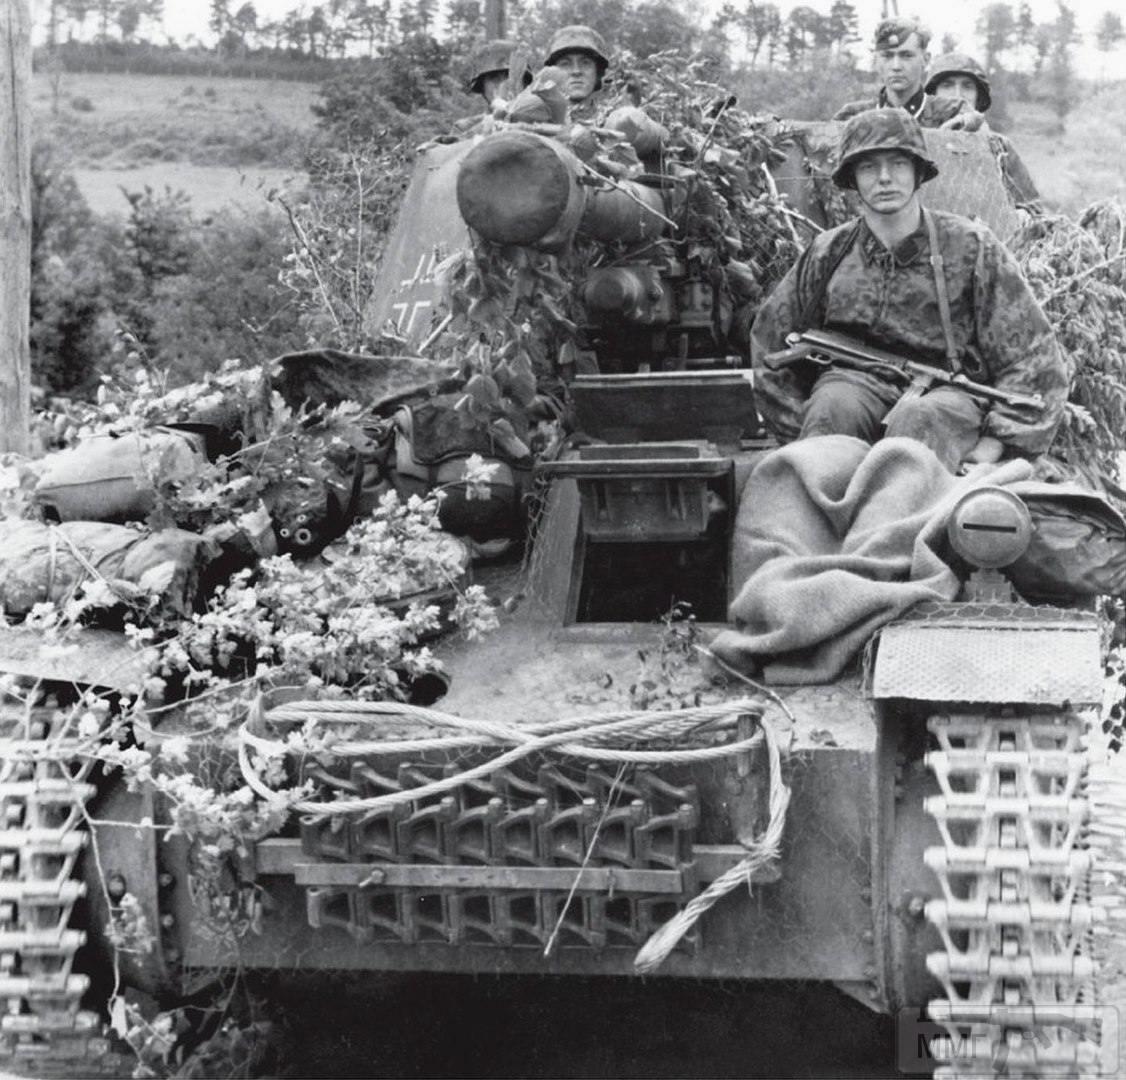 24110 - Военное фото 1939-1945 г.г. Западный фронт и Африка.